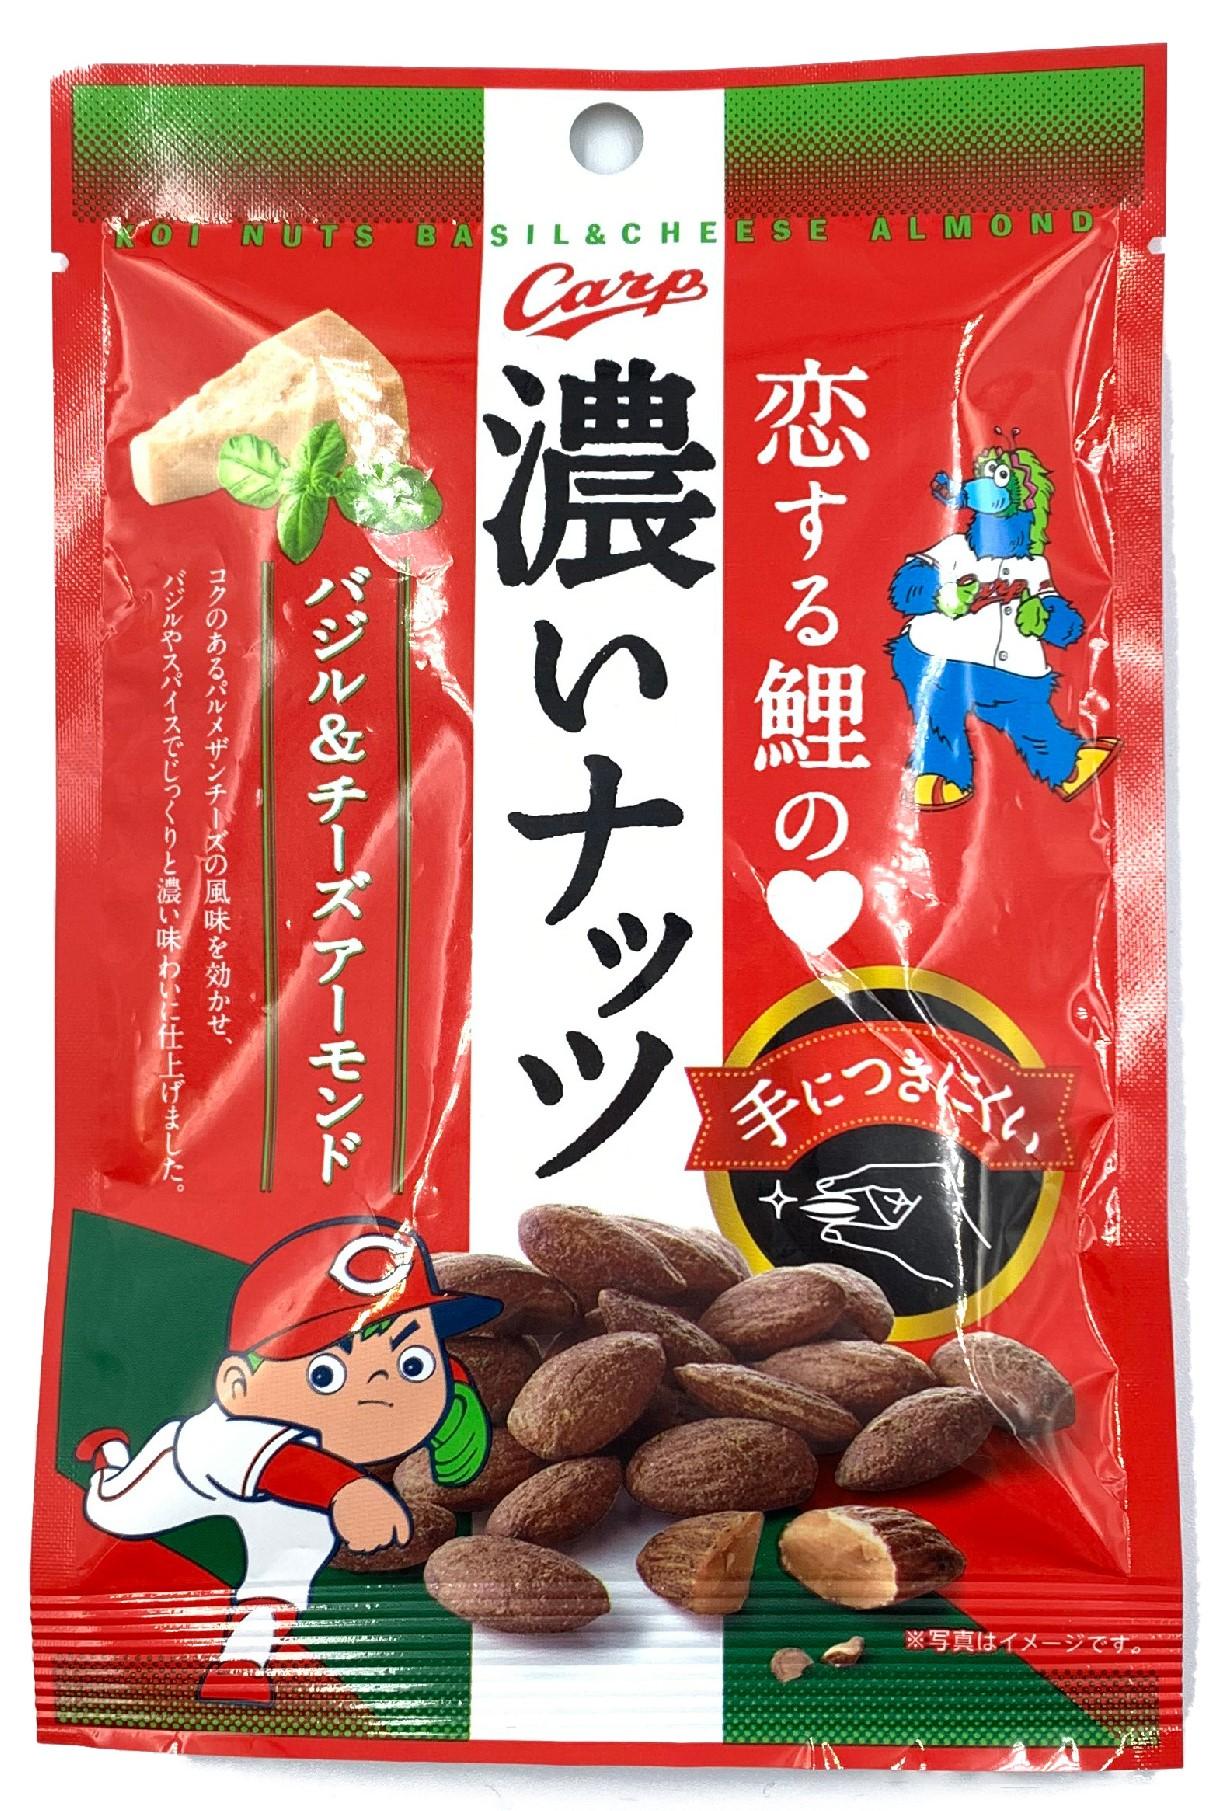 恋する鯉の♡濃いナッツ バジル&チーズアーモンド30g及び3袋入り(90g)